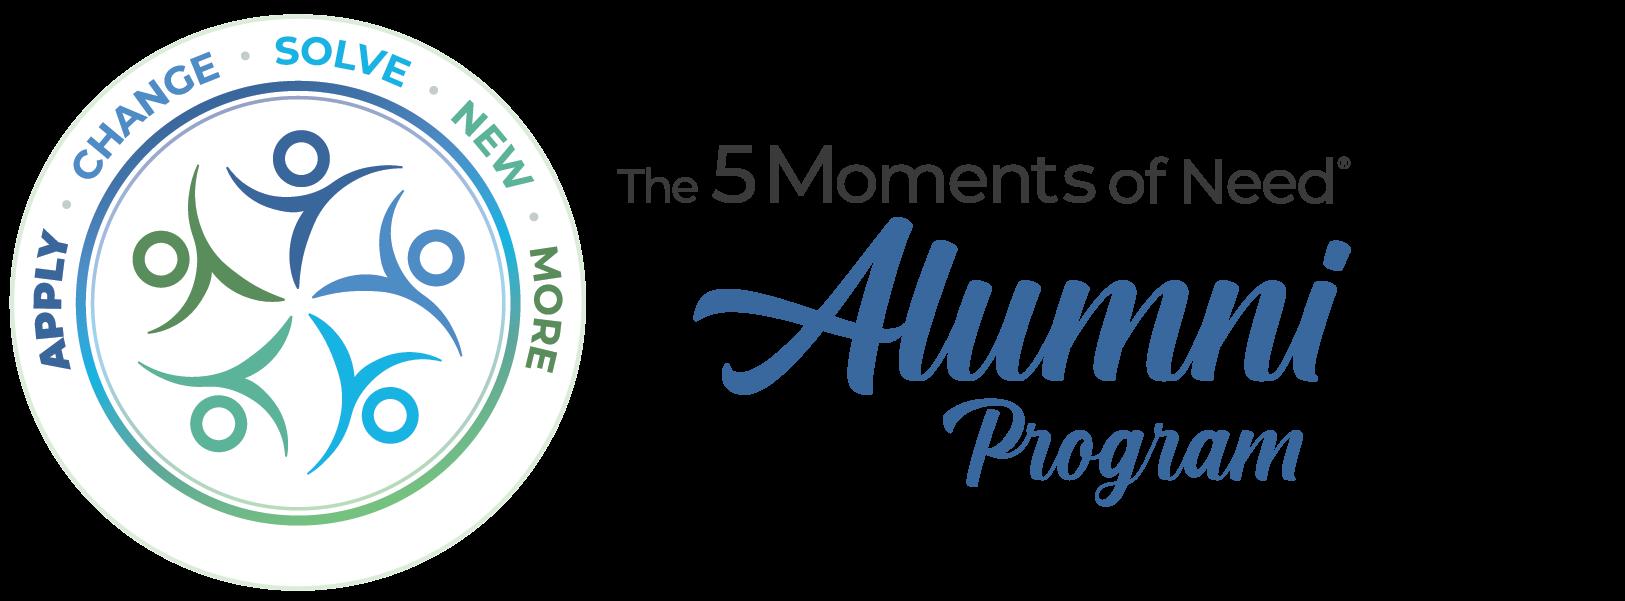 The 5 Moments of Need® Alumni Program